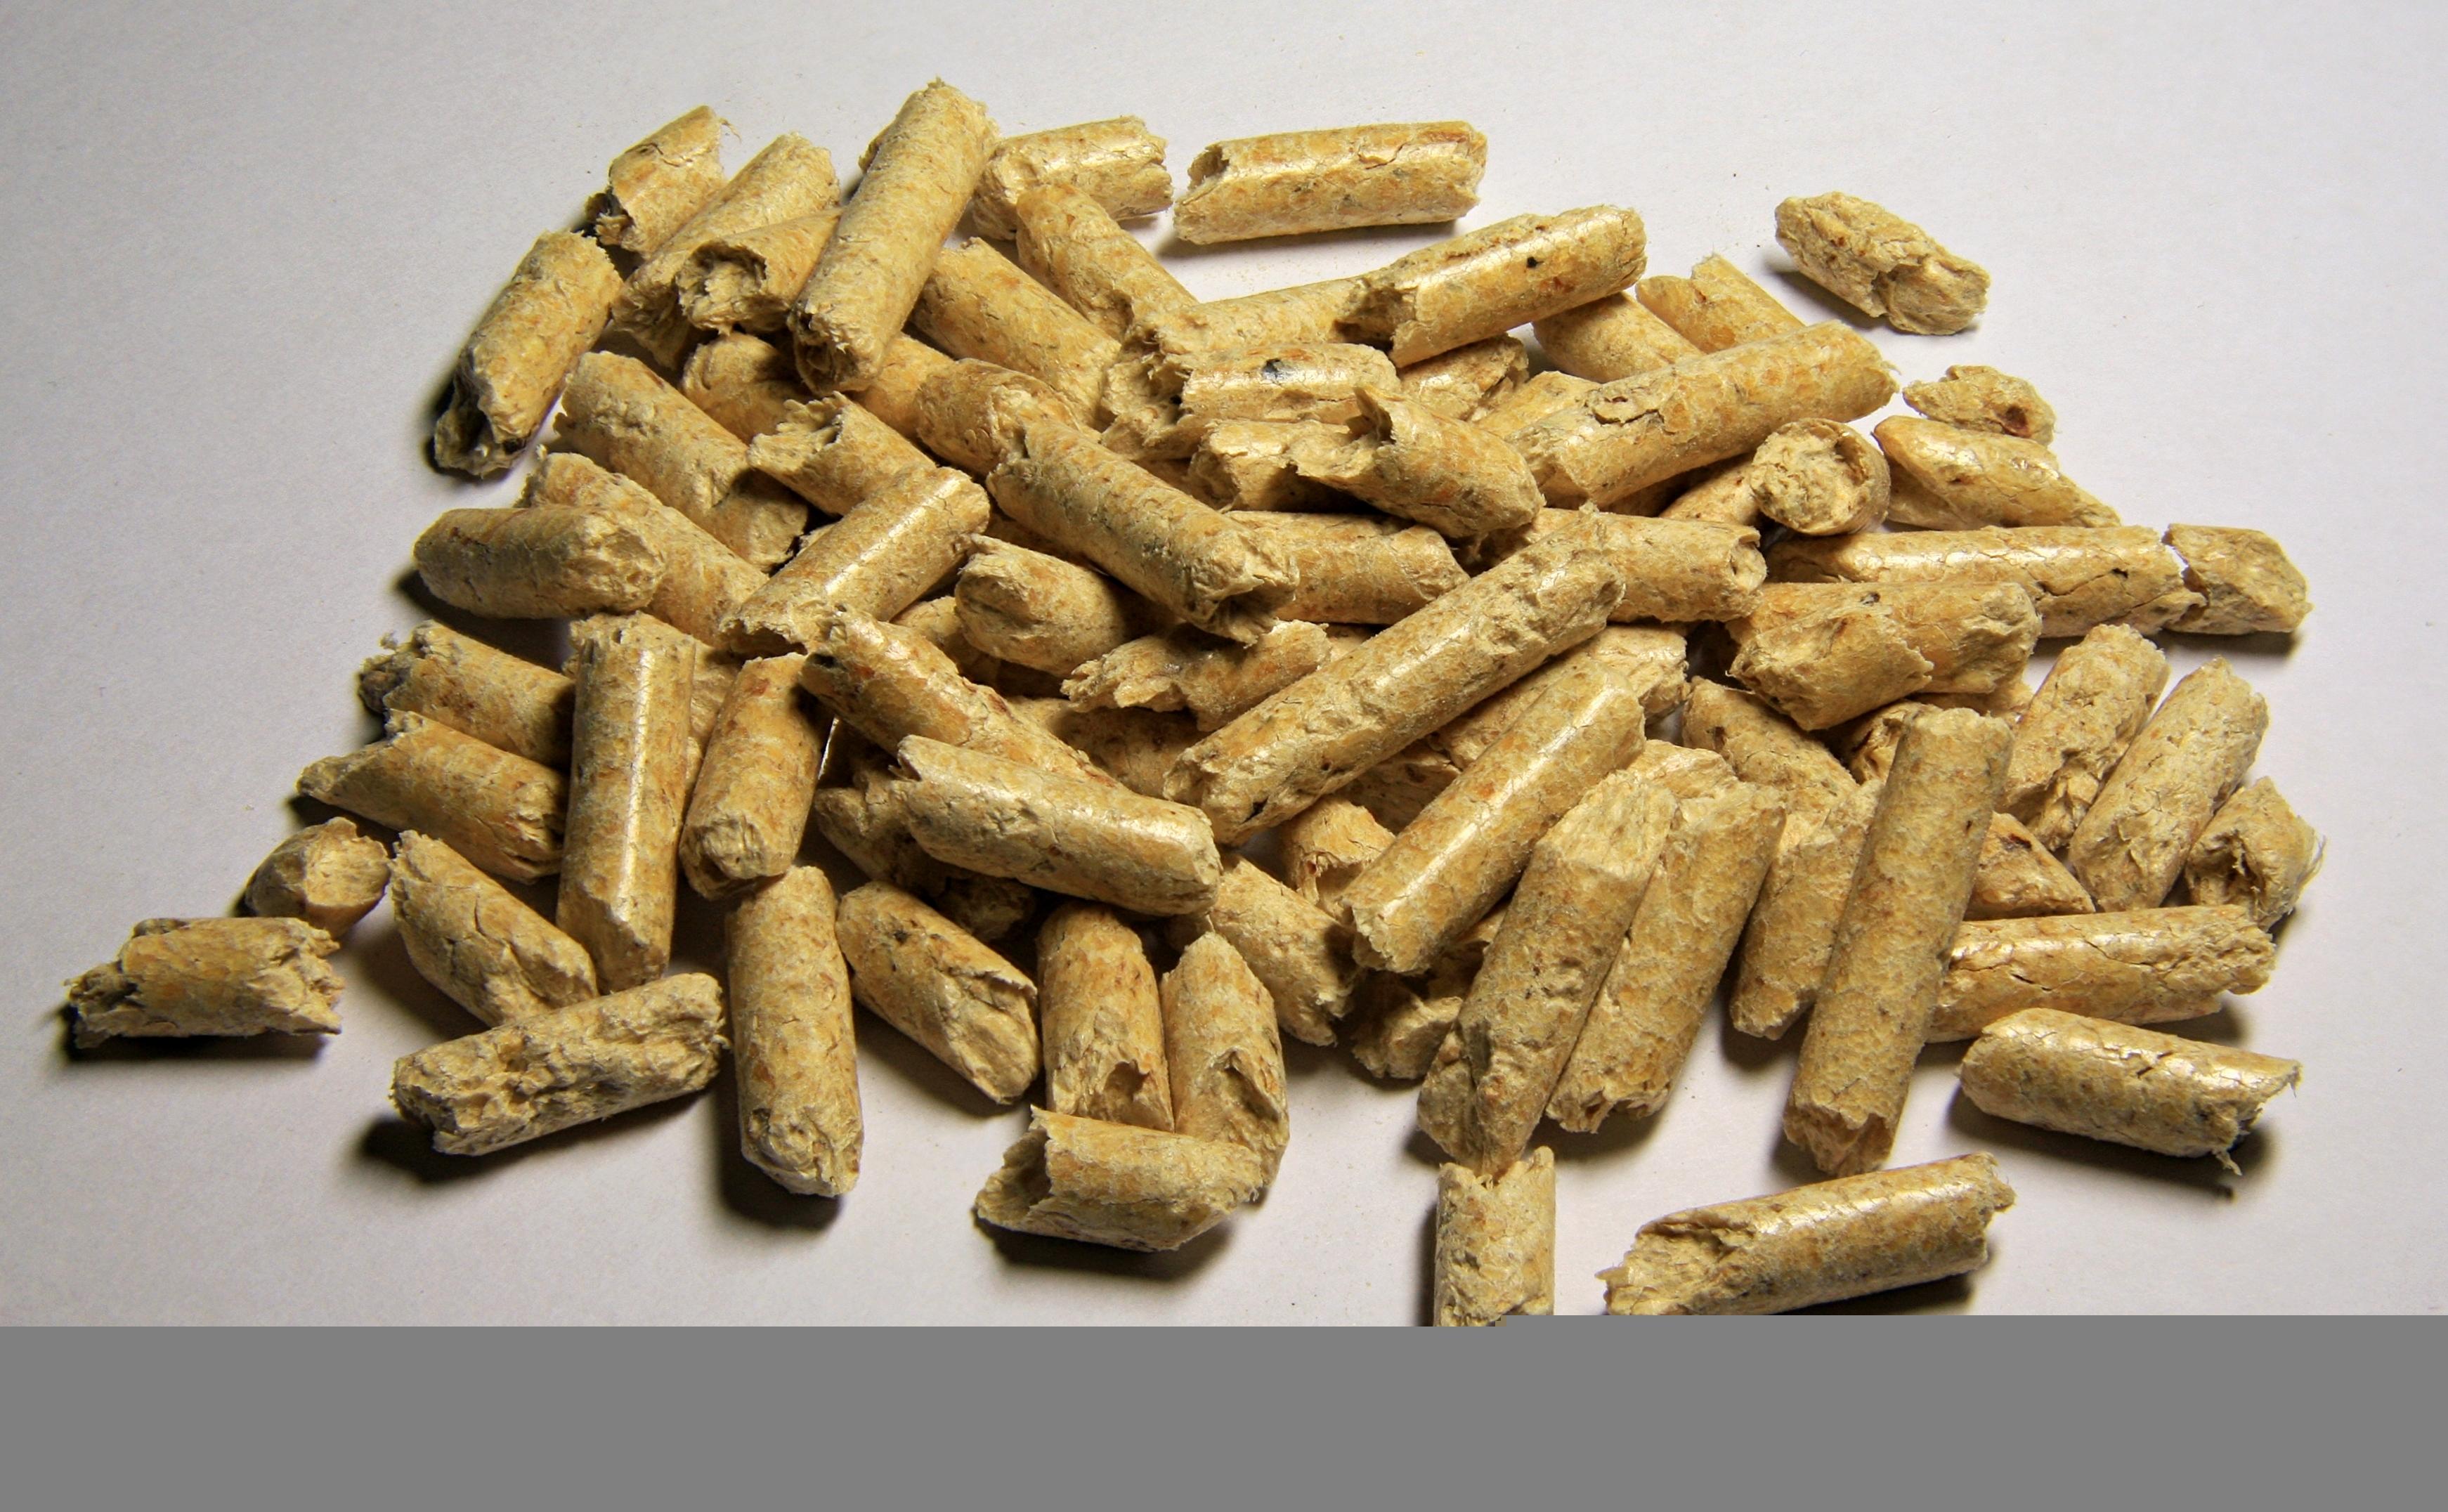 Le chauffage aux granules de bois: une solution écologique